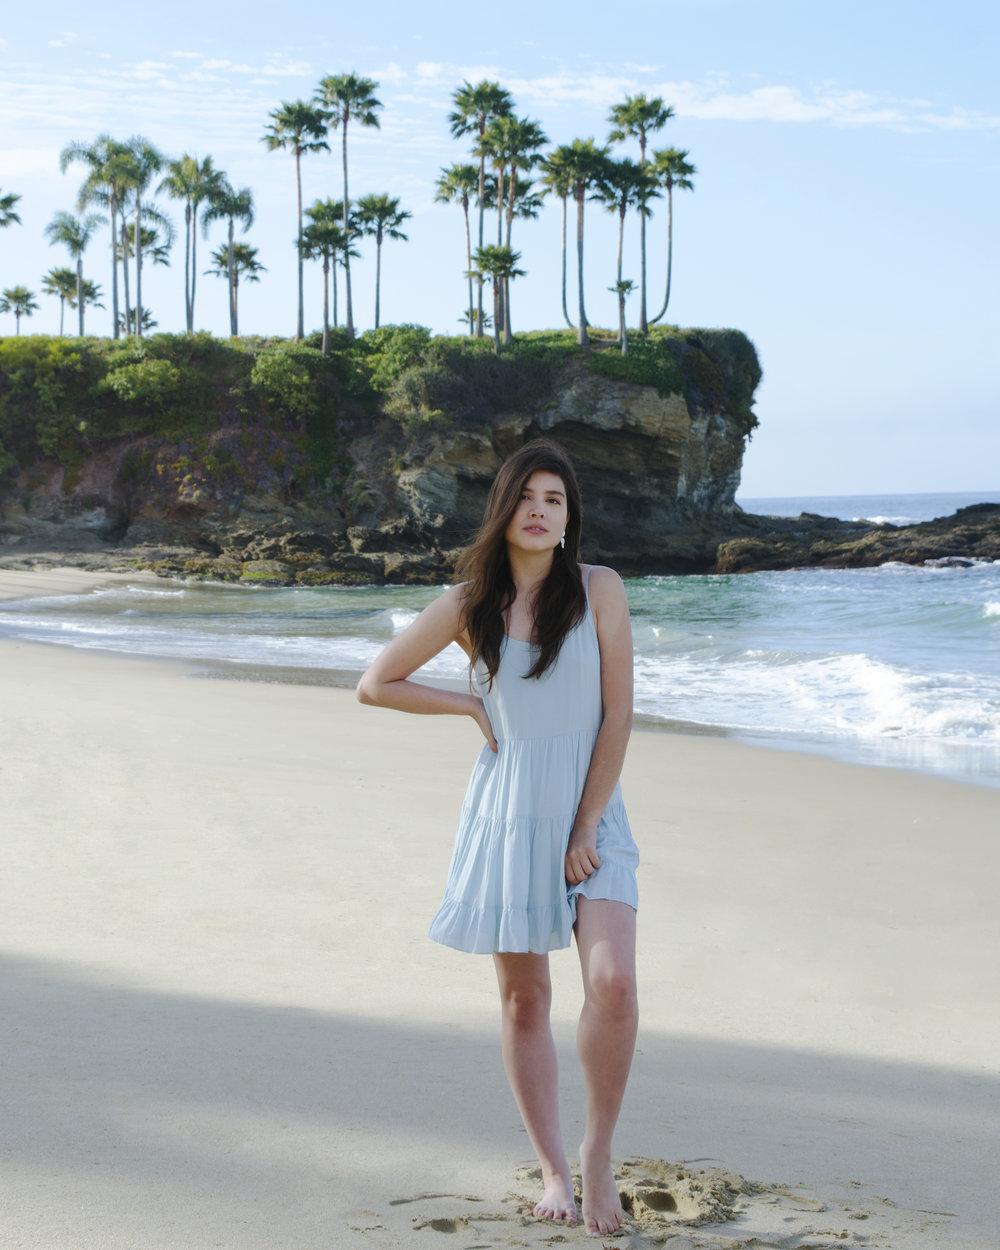 seeking chelle laguna beach